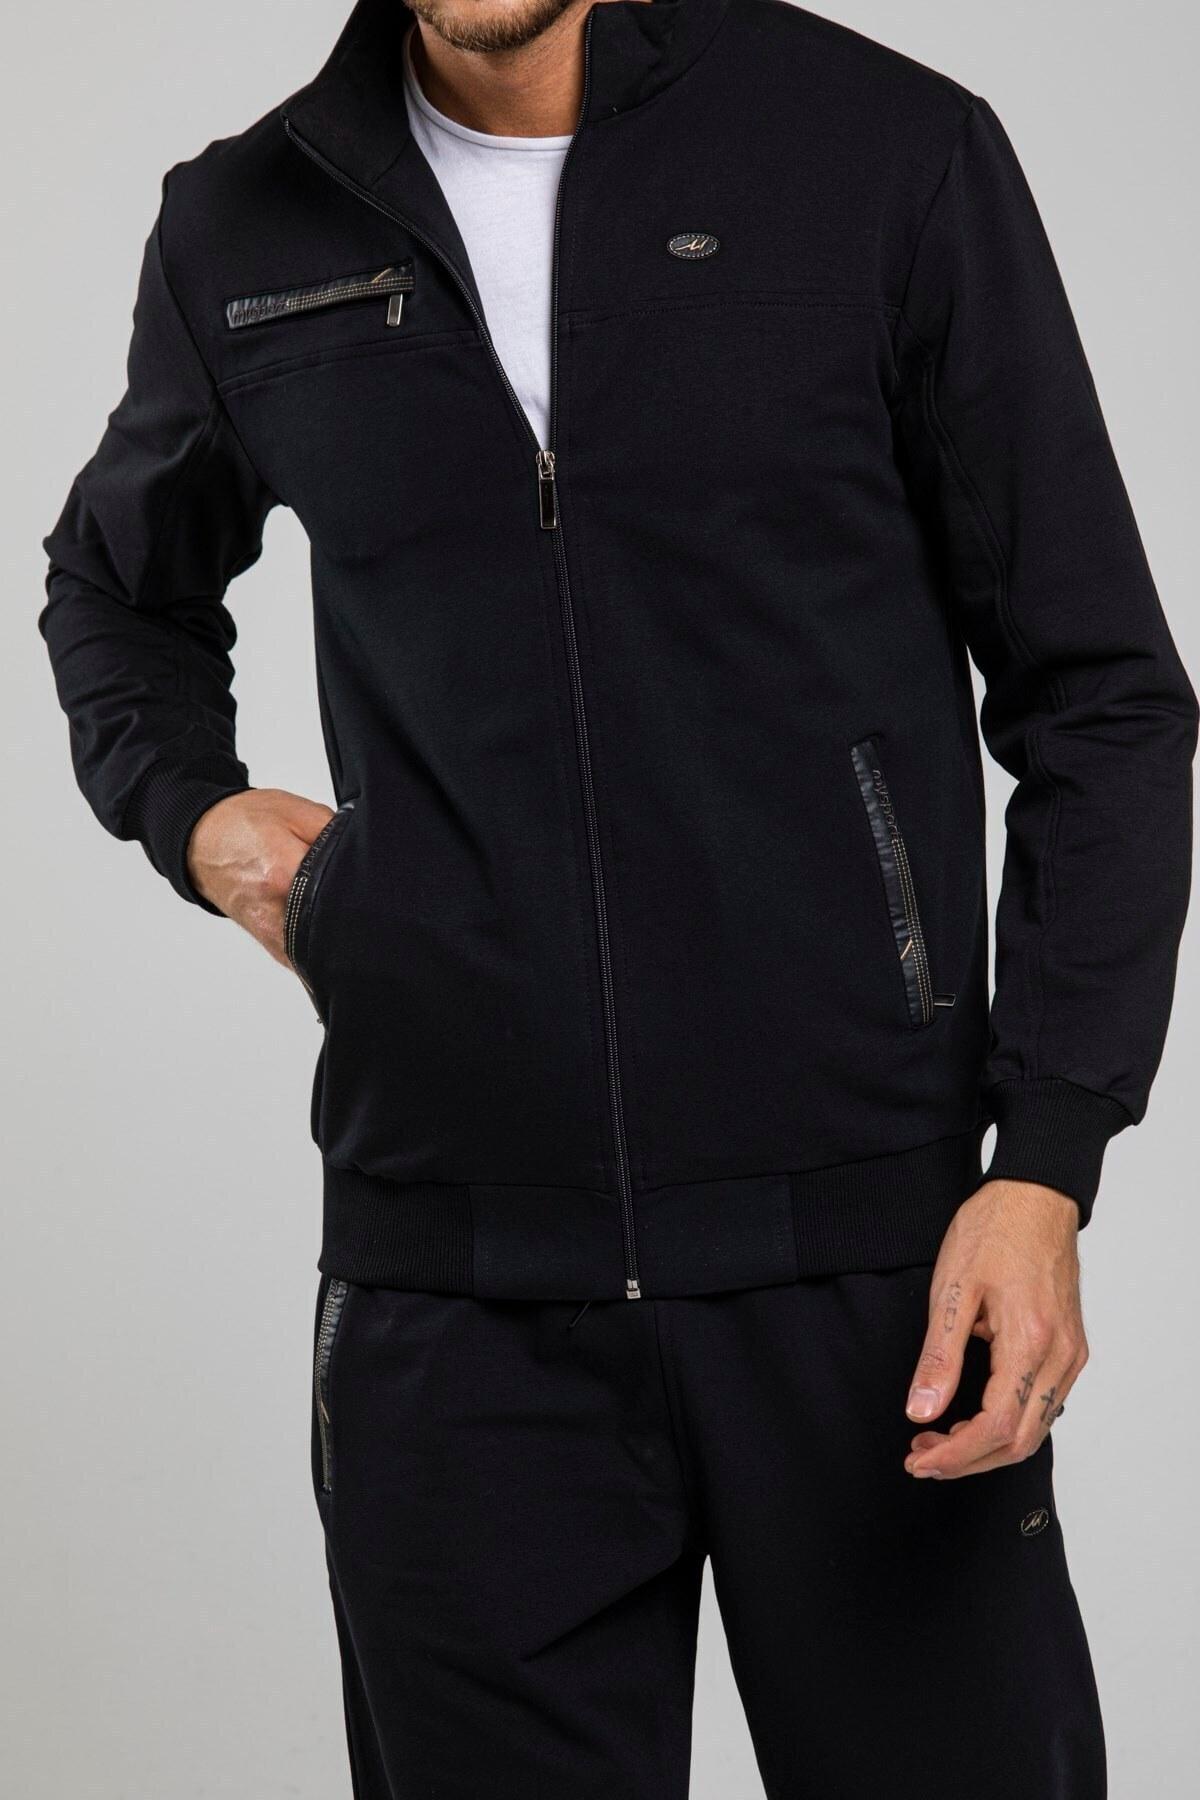 تصویر ست لباس ورزشی سایز بزرگ مردانه مشکی برند MYSPORT کد 1623224064